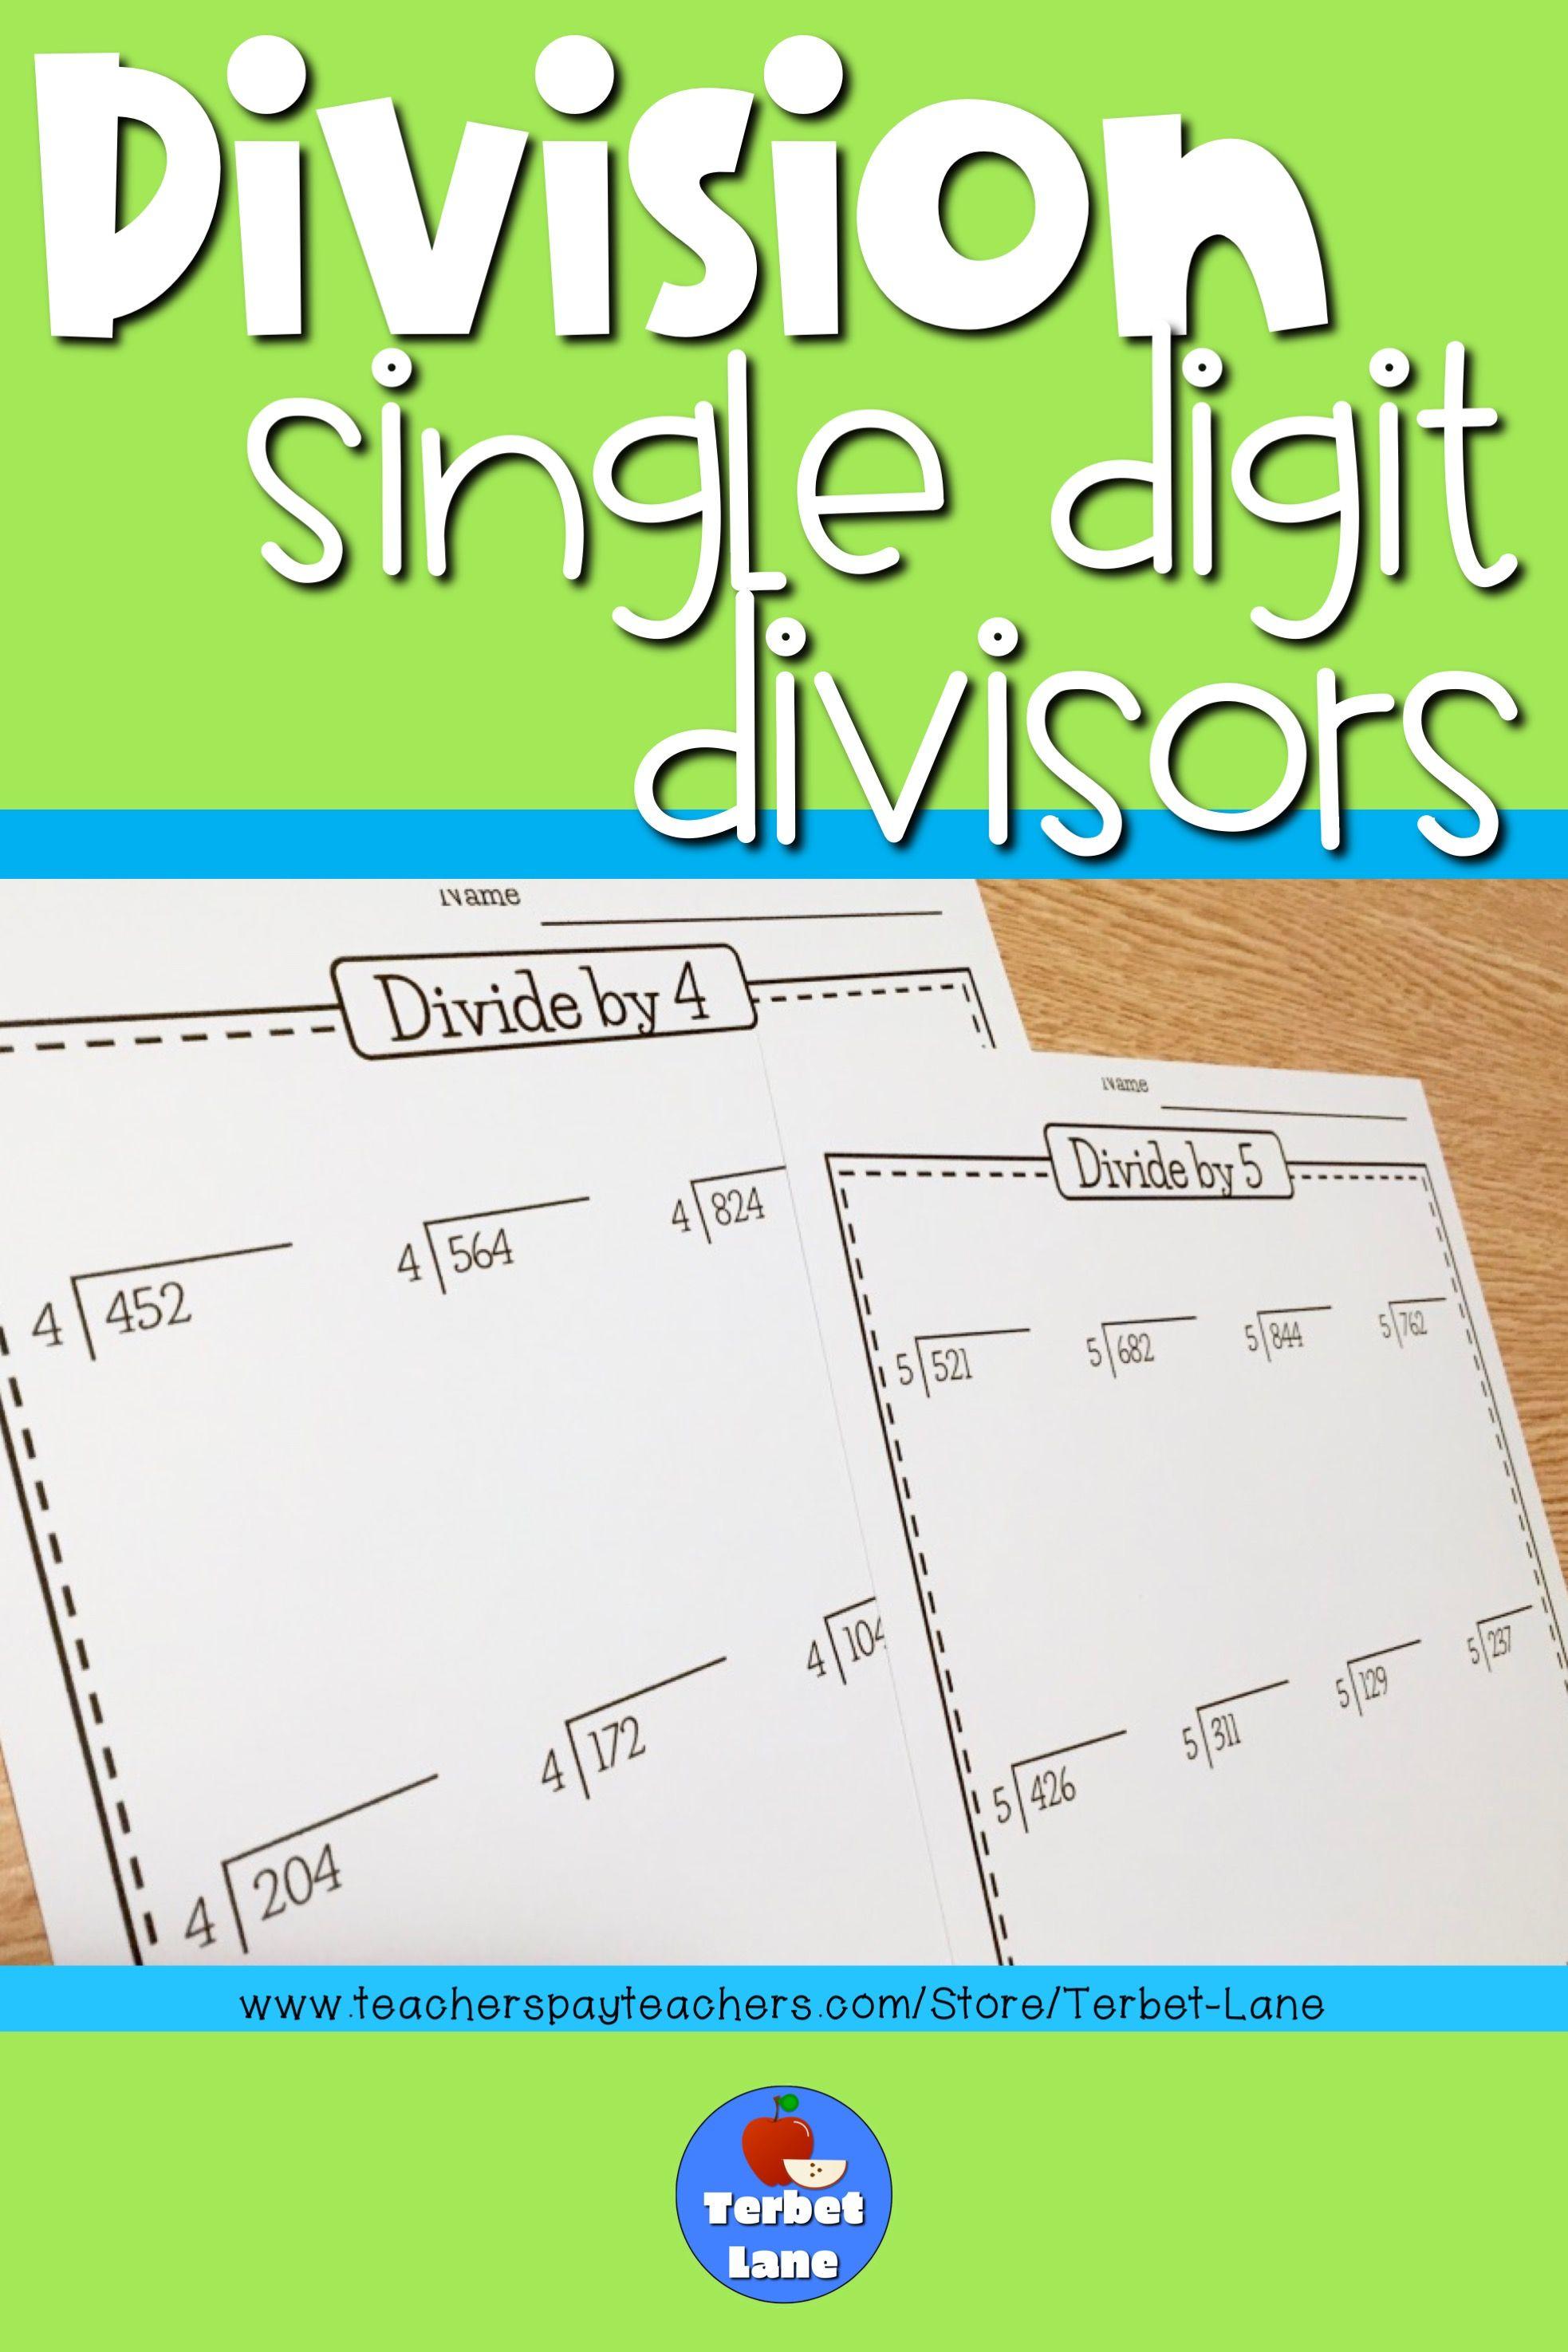 15 Best 3 Digit Division Worksheets Images On Best